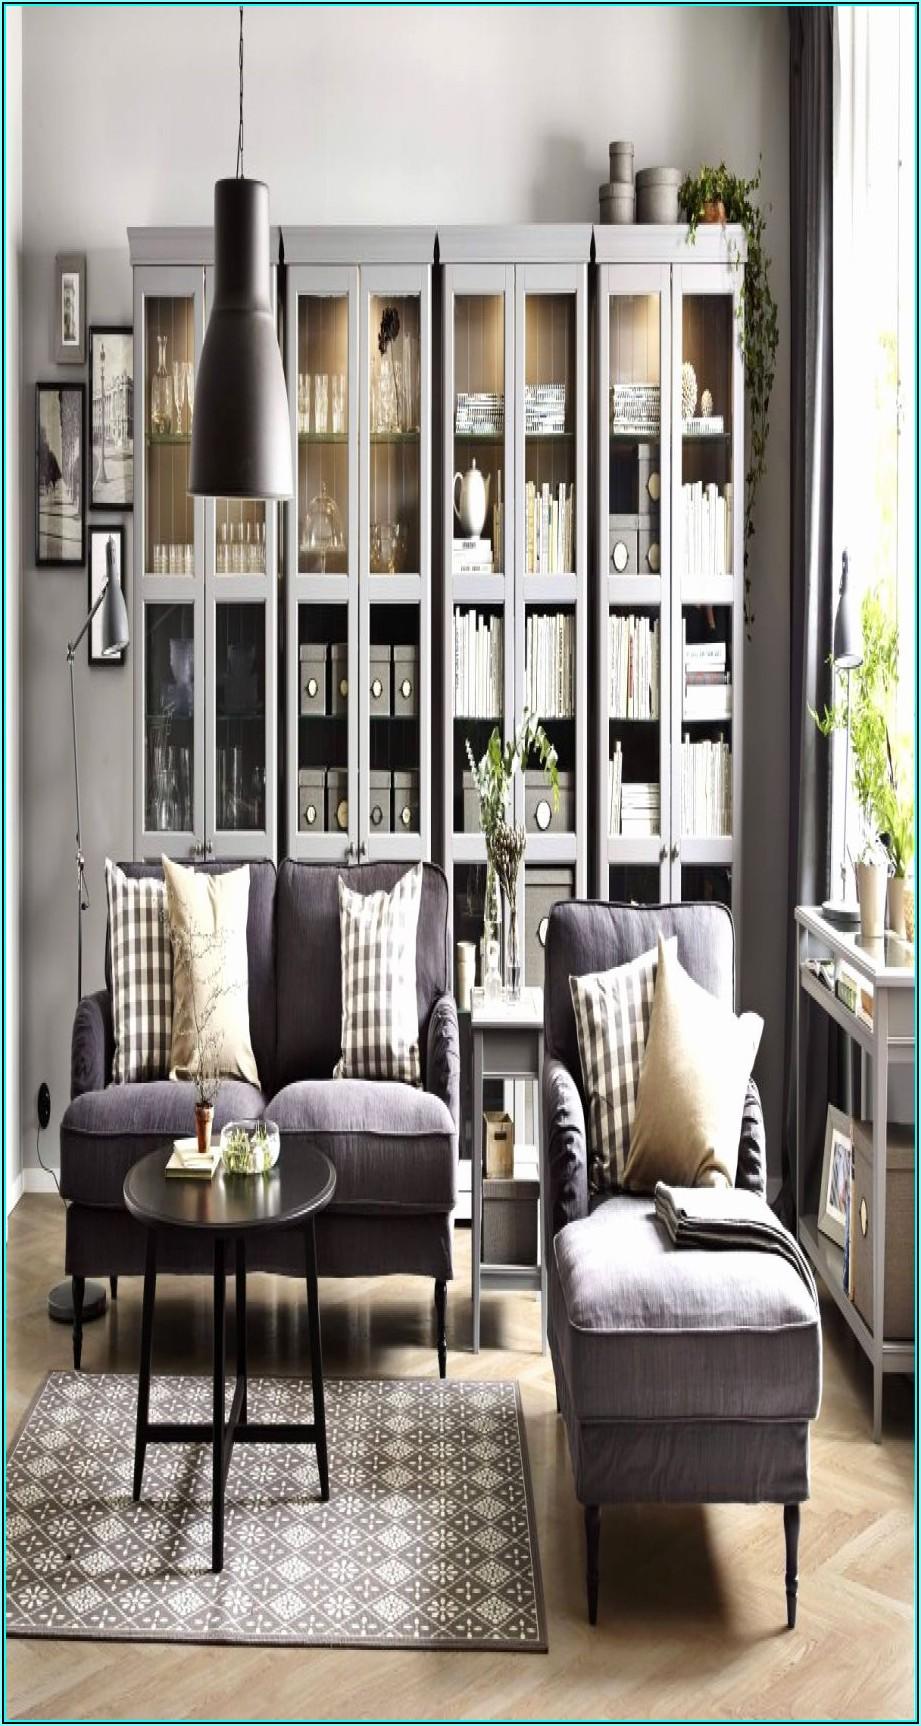 Ikea Wohnzimmer Bilder